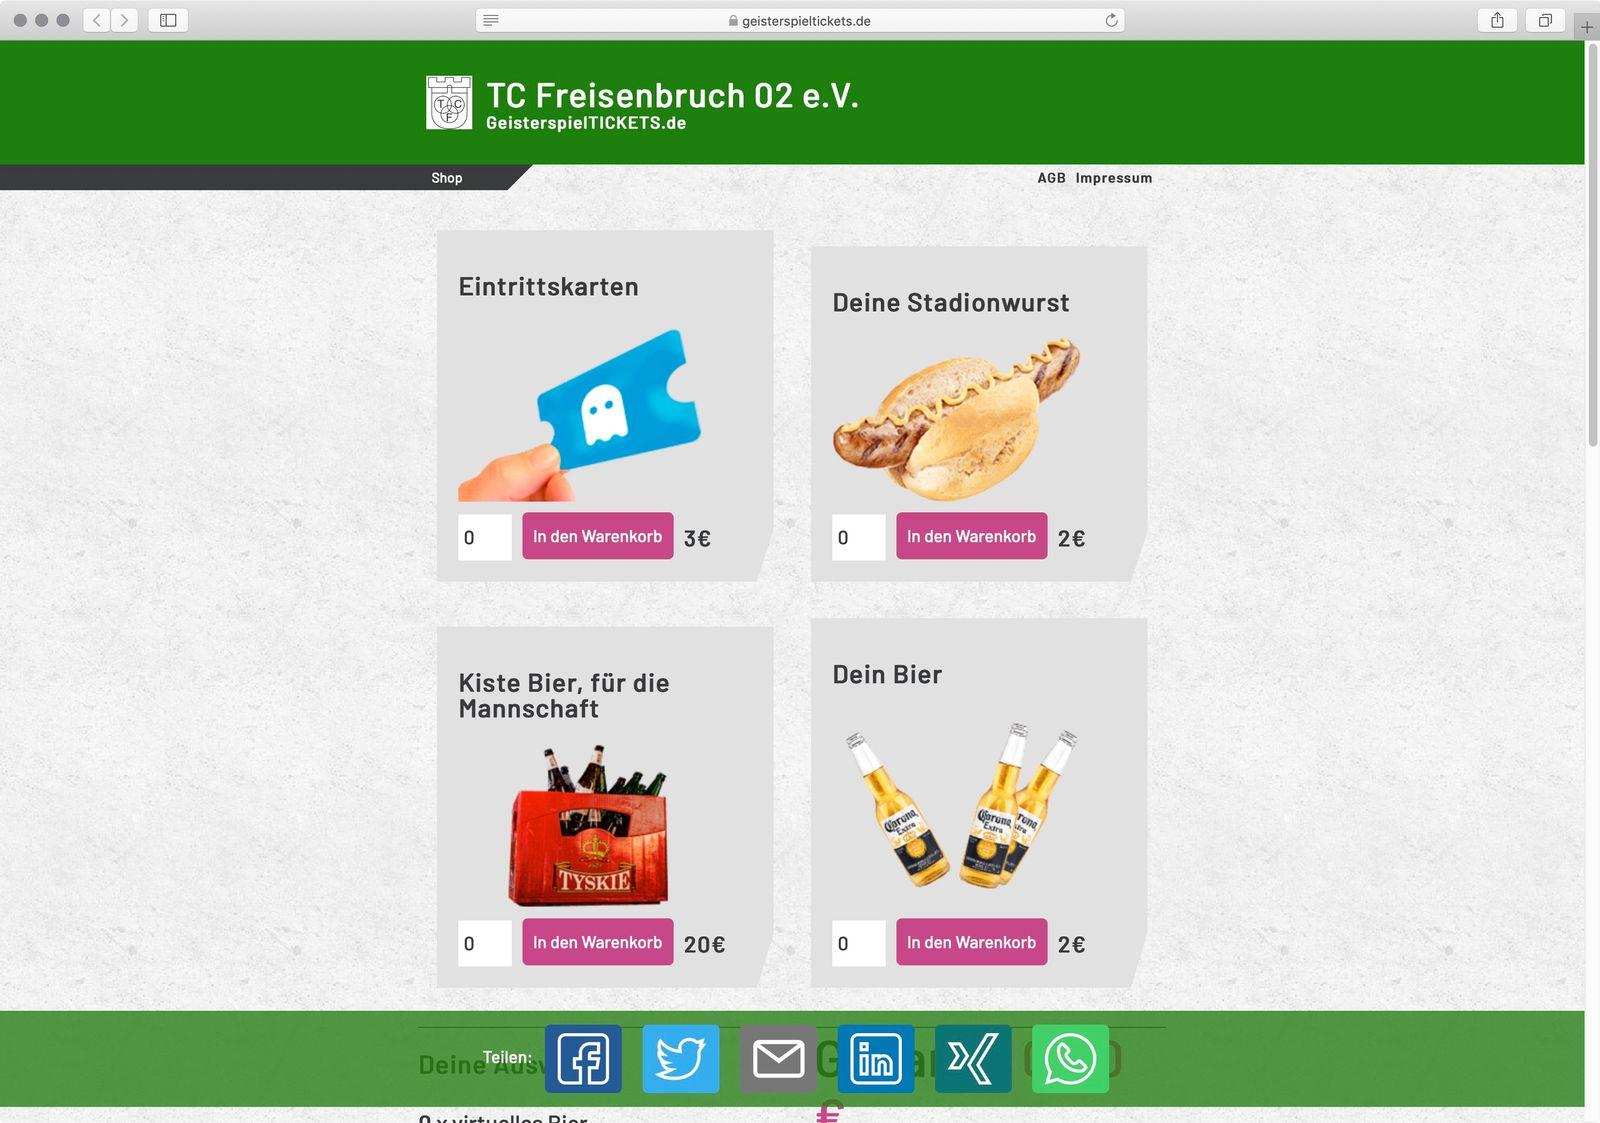 Screenshot geisterspieltickets.de / TC Freisenbruch